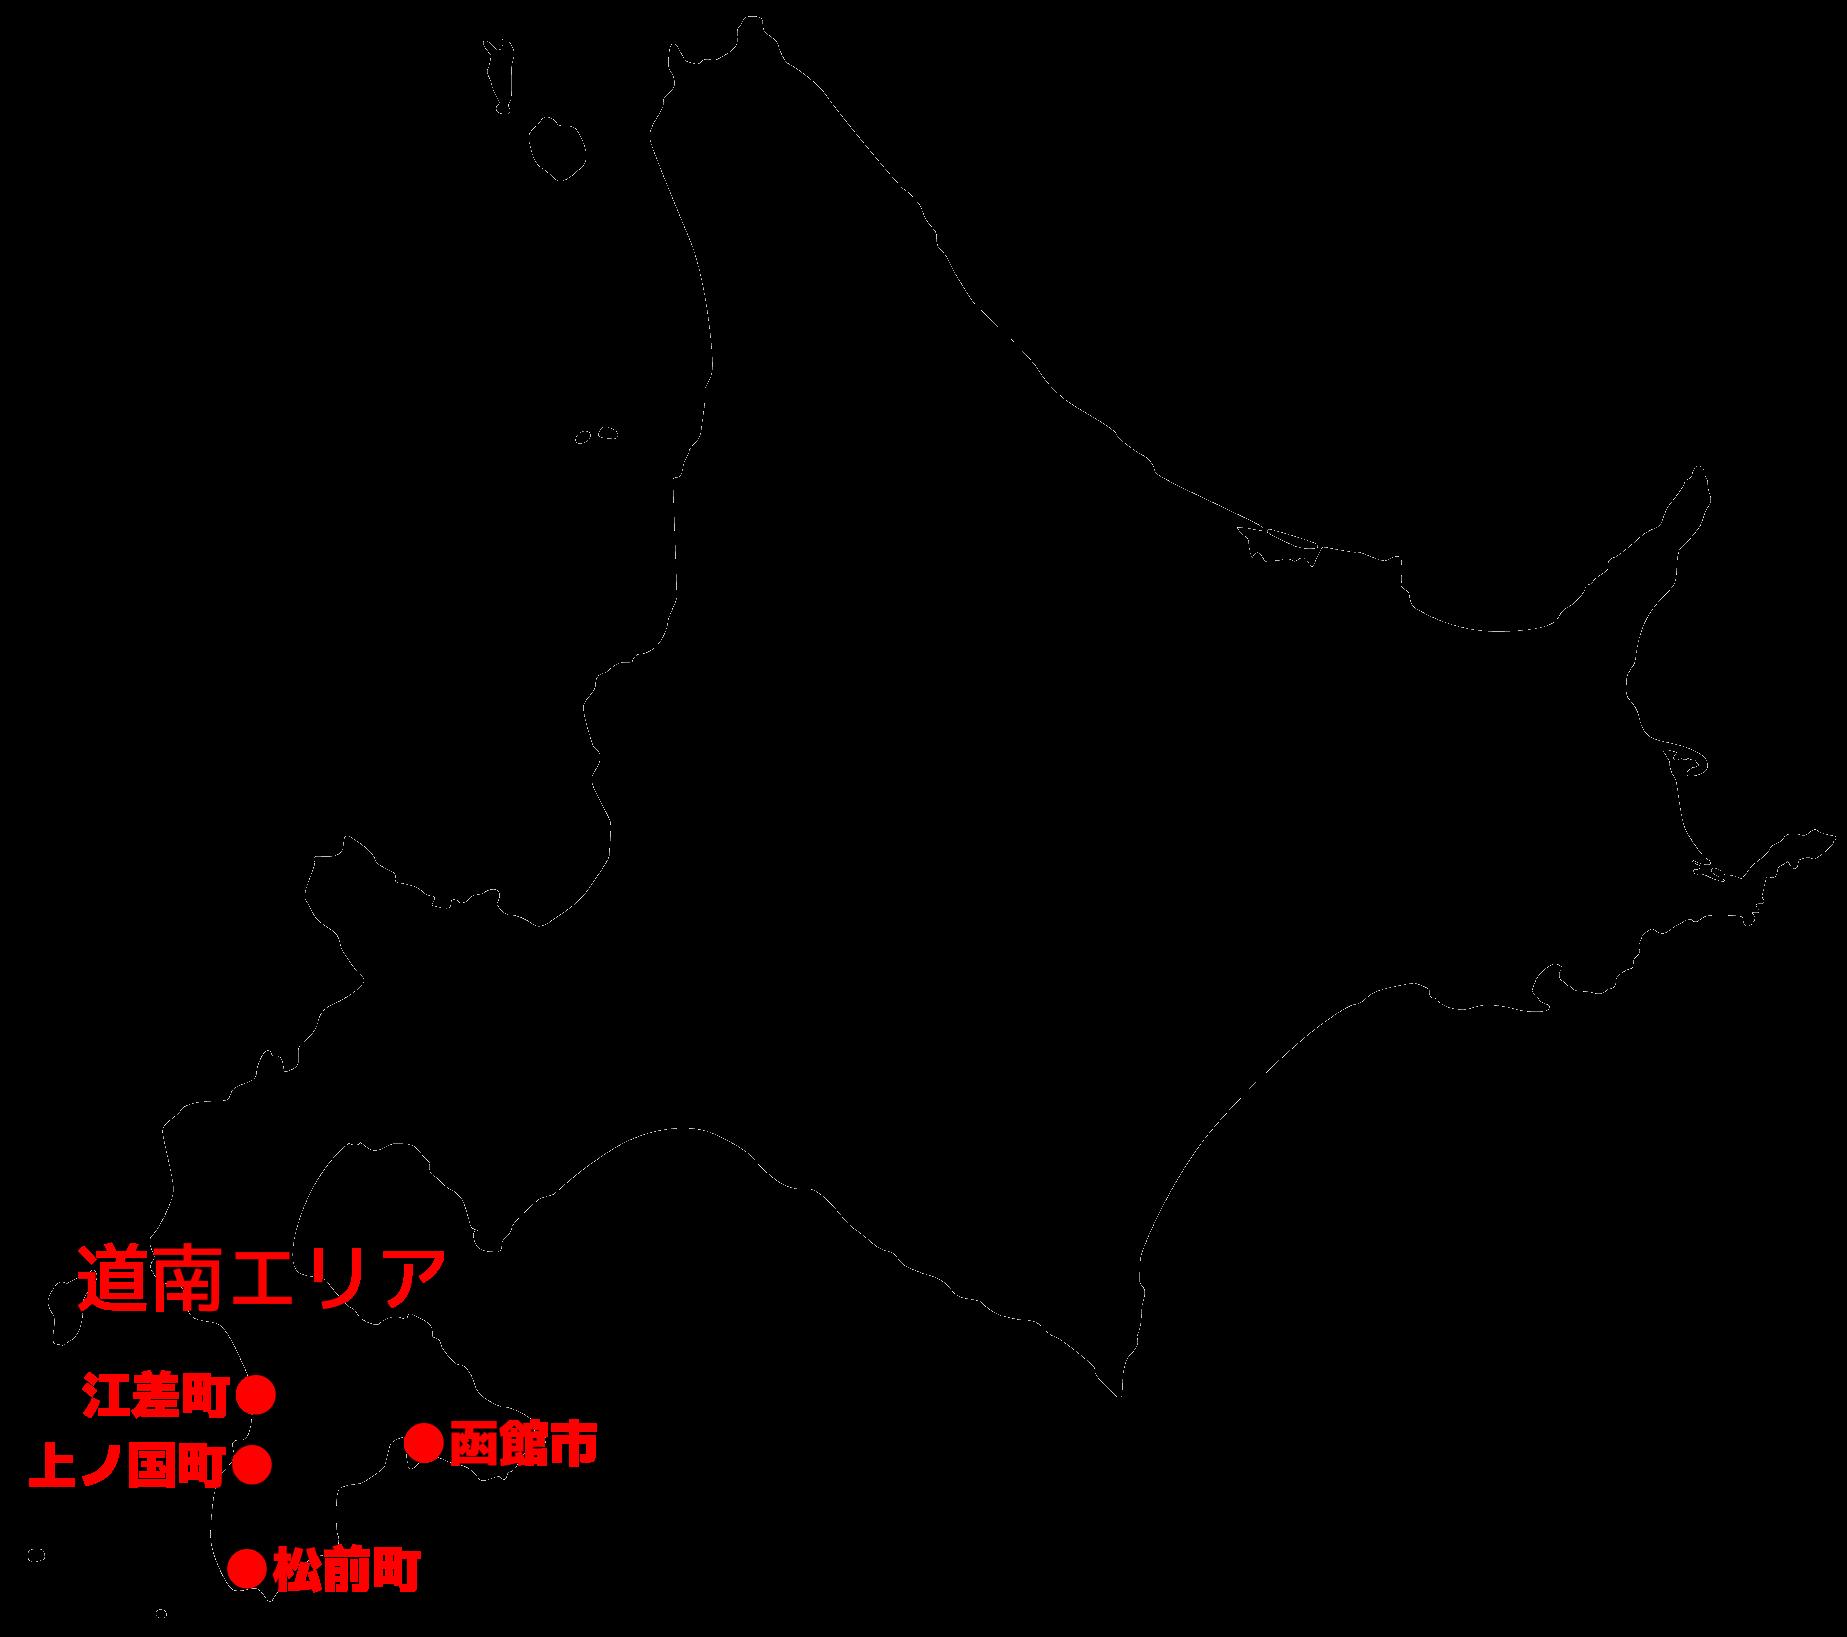 北海道では端午の節句といえば「ベこ餅」!! そもそもべこ餅って何?